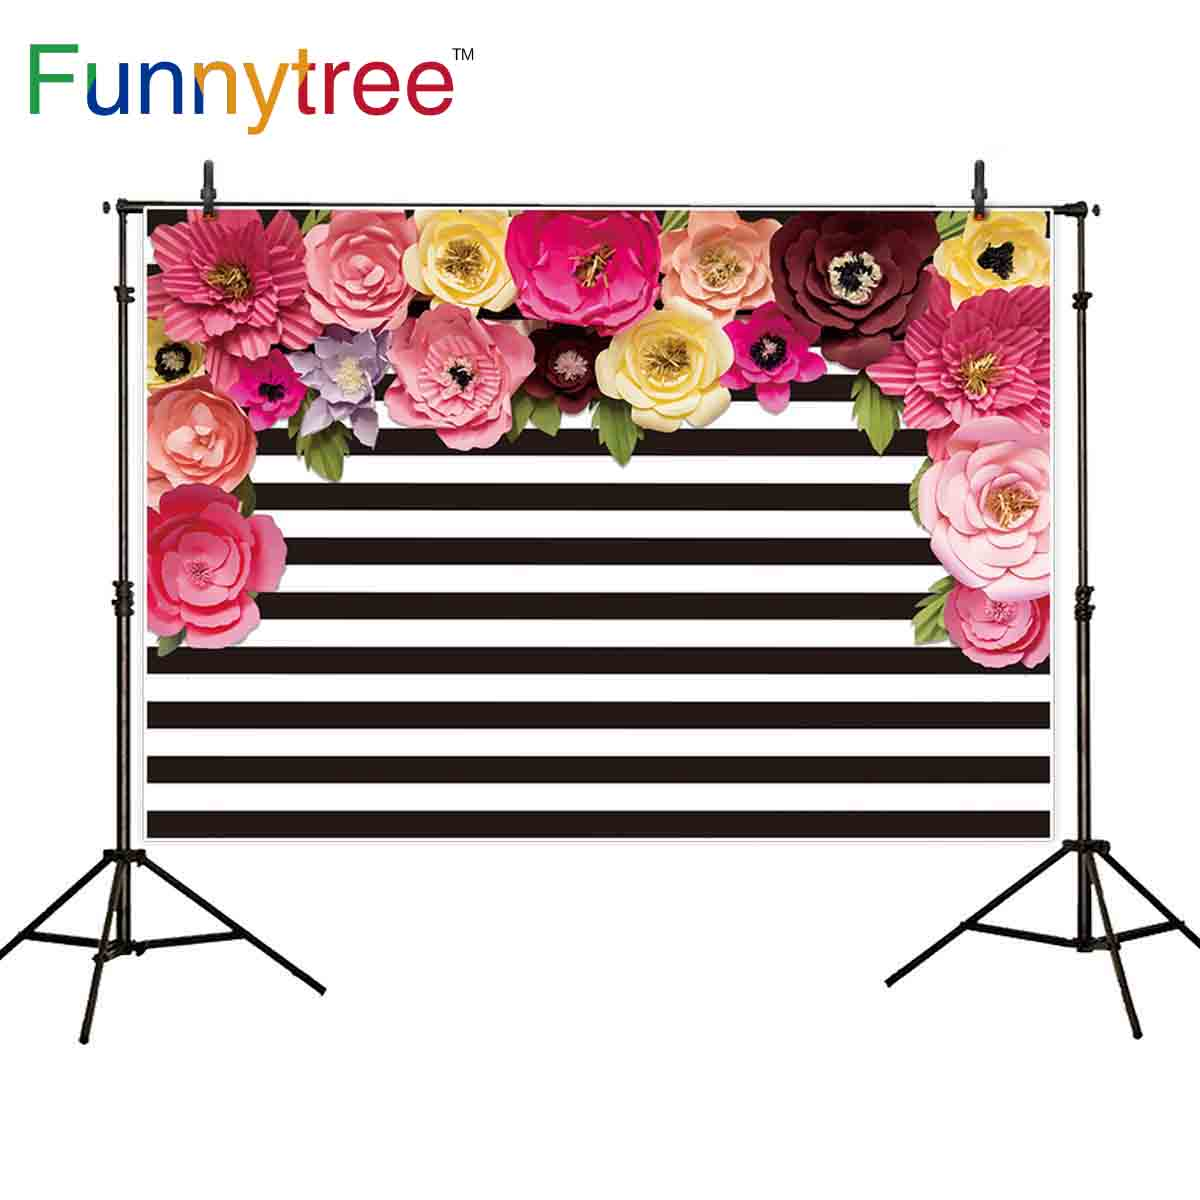 Funnytree fondo fotográfico negro blanco tiras de papel flor princesa telón de fondo sesión fotográfica photocall photobooth prop